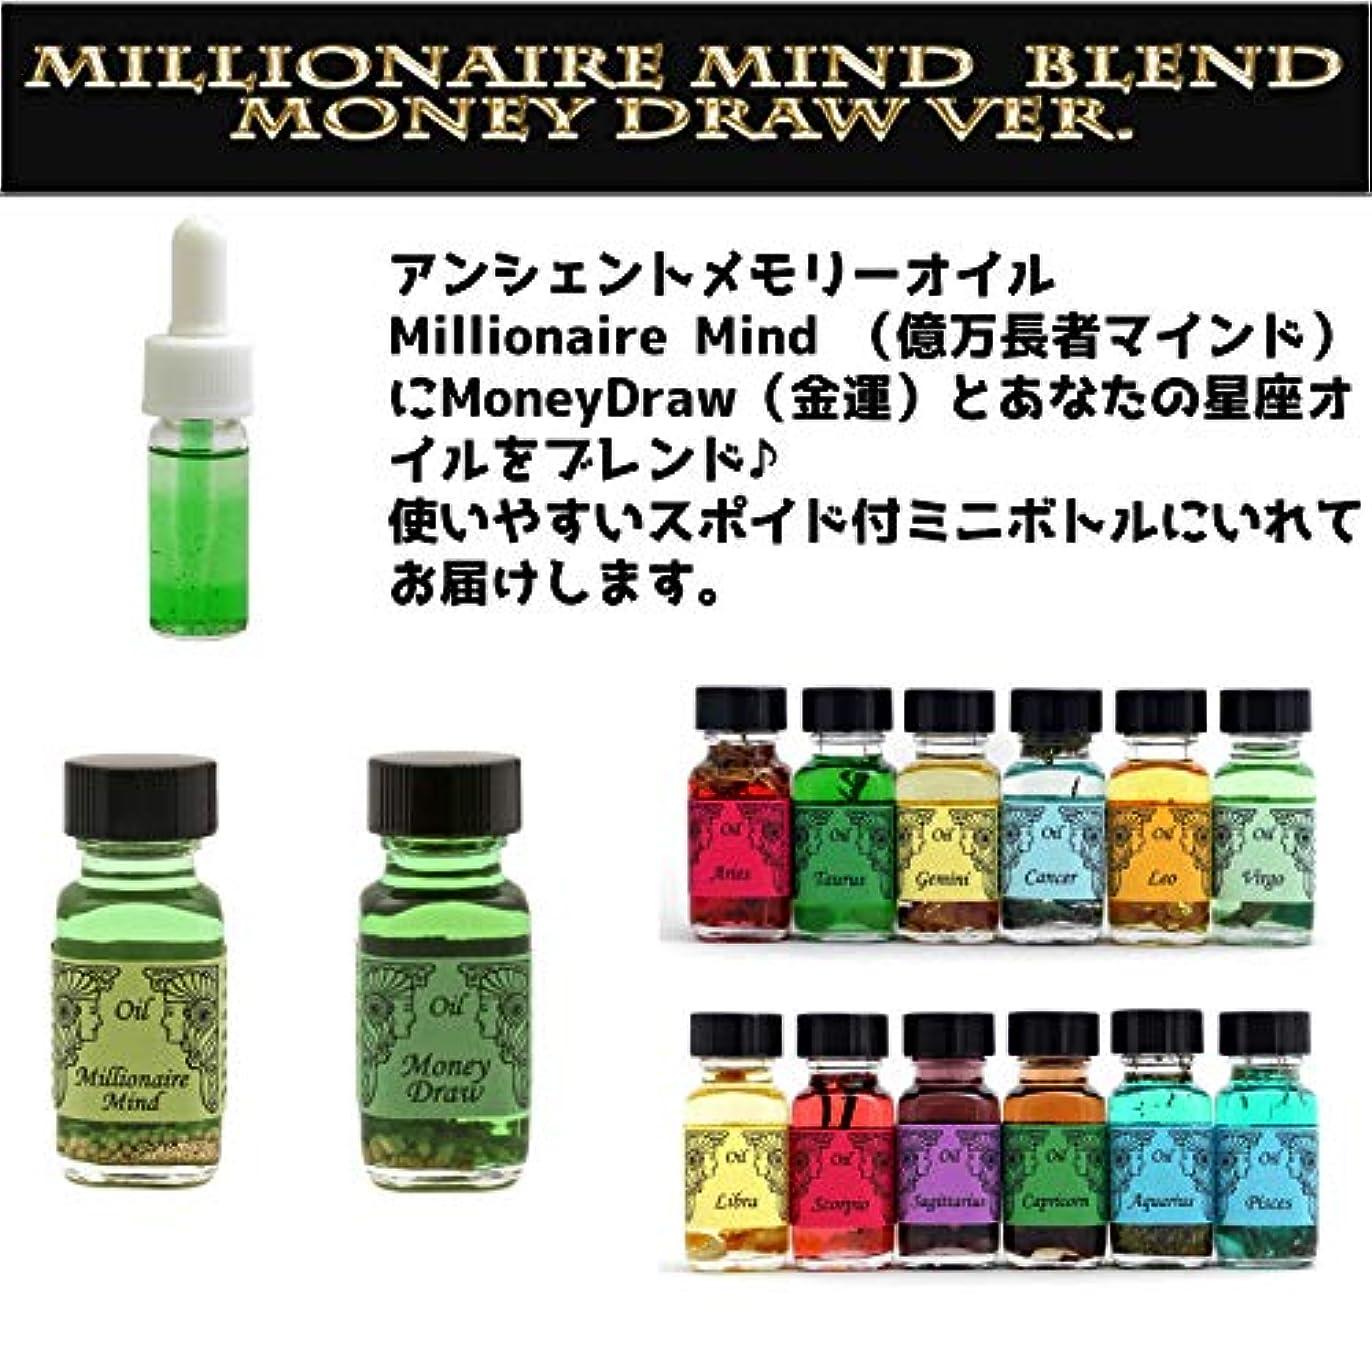 起きるサーバント展示会アンシェントメモリーオイル Millionaire Mind 億万長者マインド ブレンド(Money Drawマネードロー(金運)&さそり座